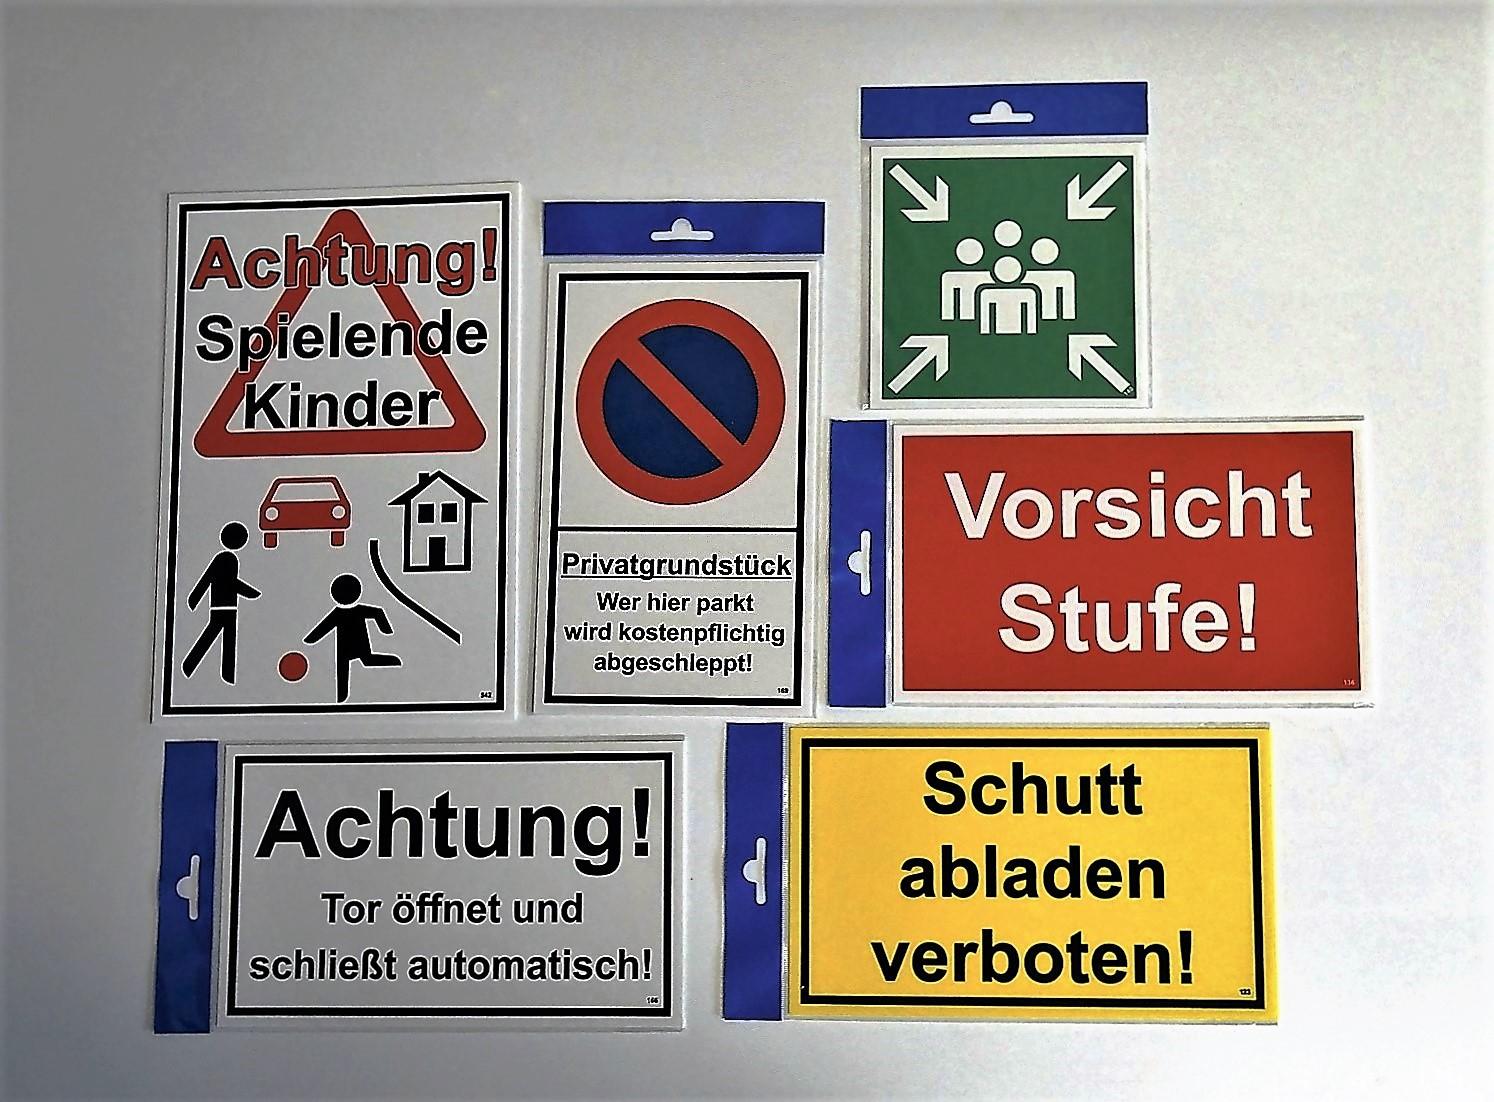 Hunde verboten 150 x 250 mm Warn- Hinweis- und Verbotsschild  PST-Kunststoff – Bild 3